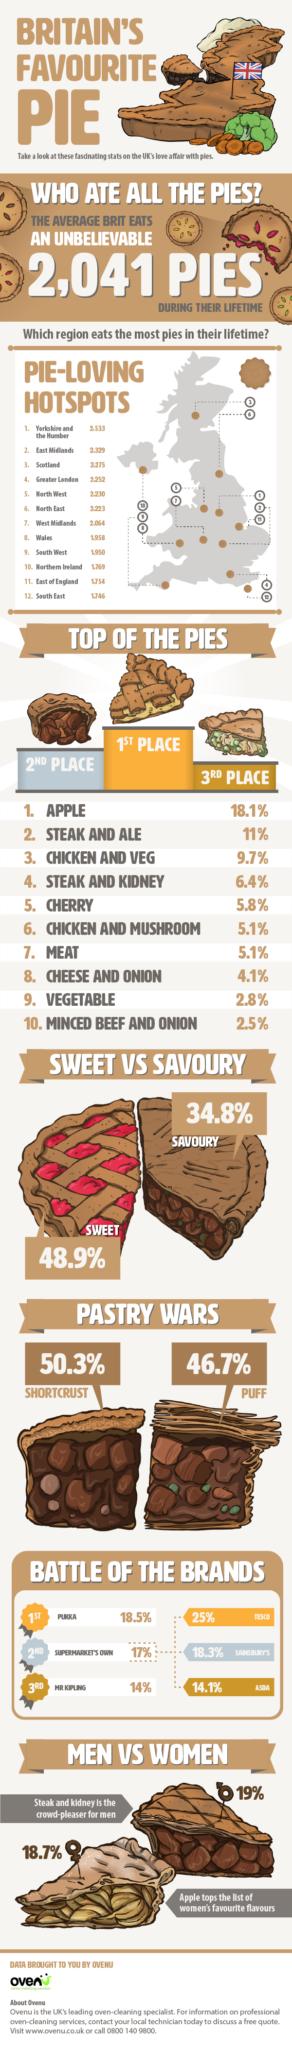 Ovenu Uncovers Britain's Favourite Pie